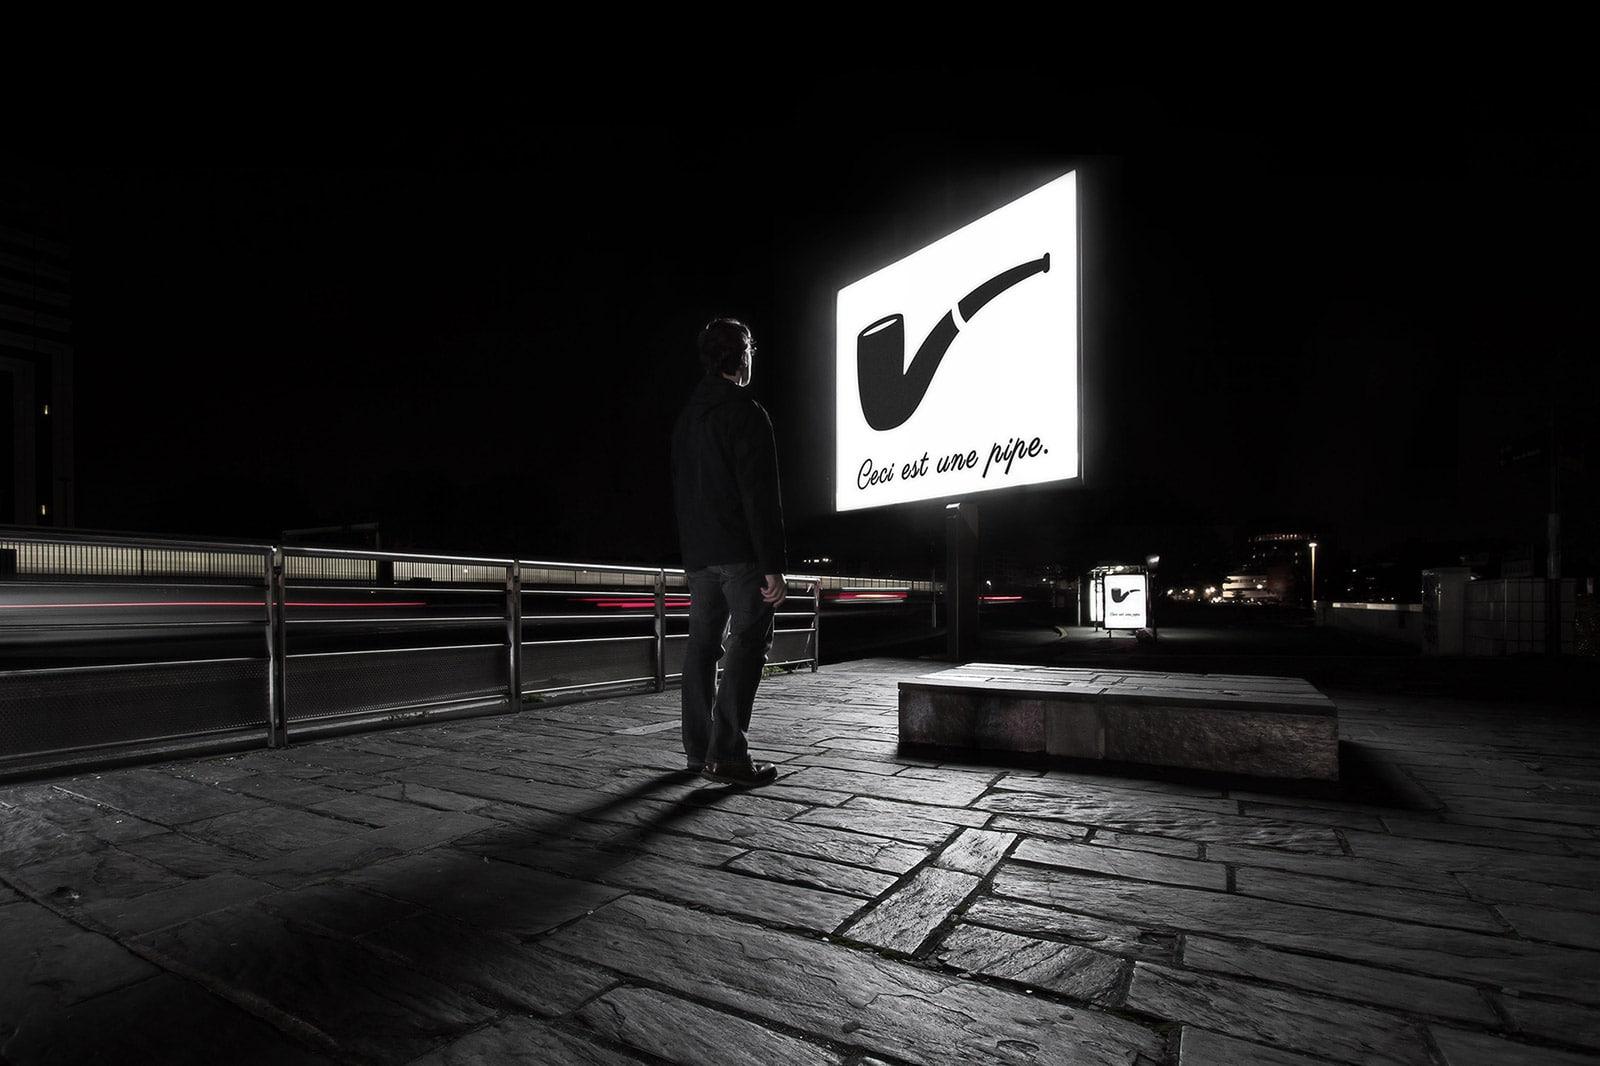 La trahison des mots- Photo de nuit conceptuelle